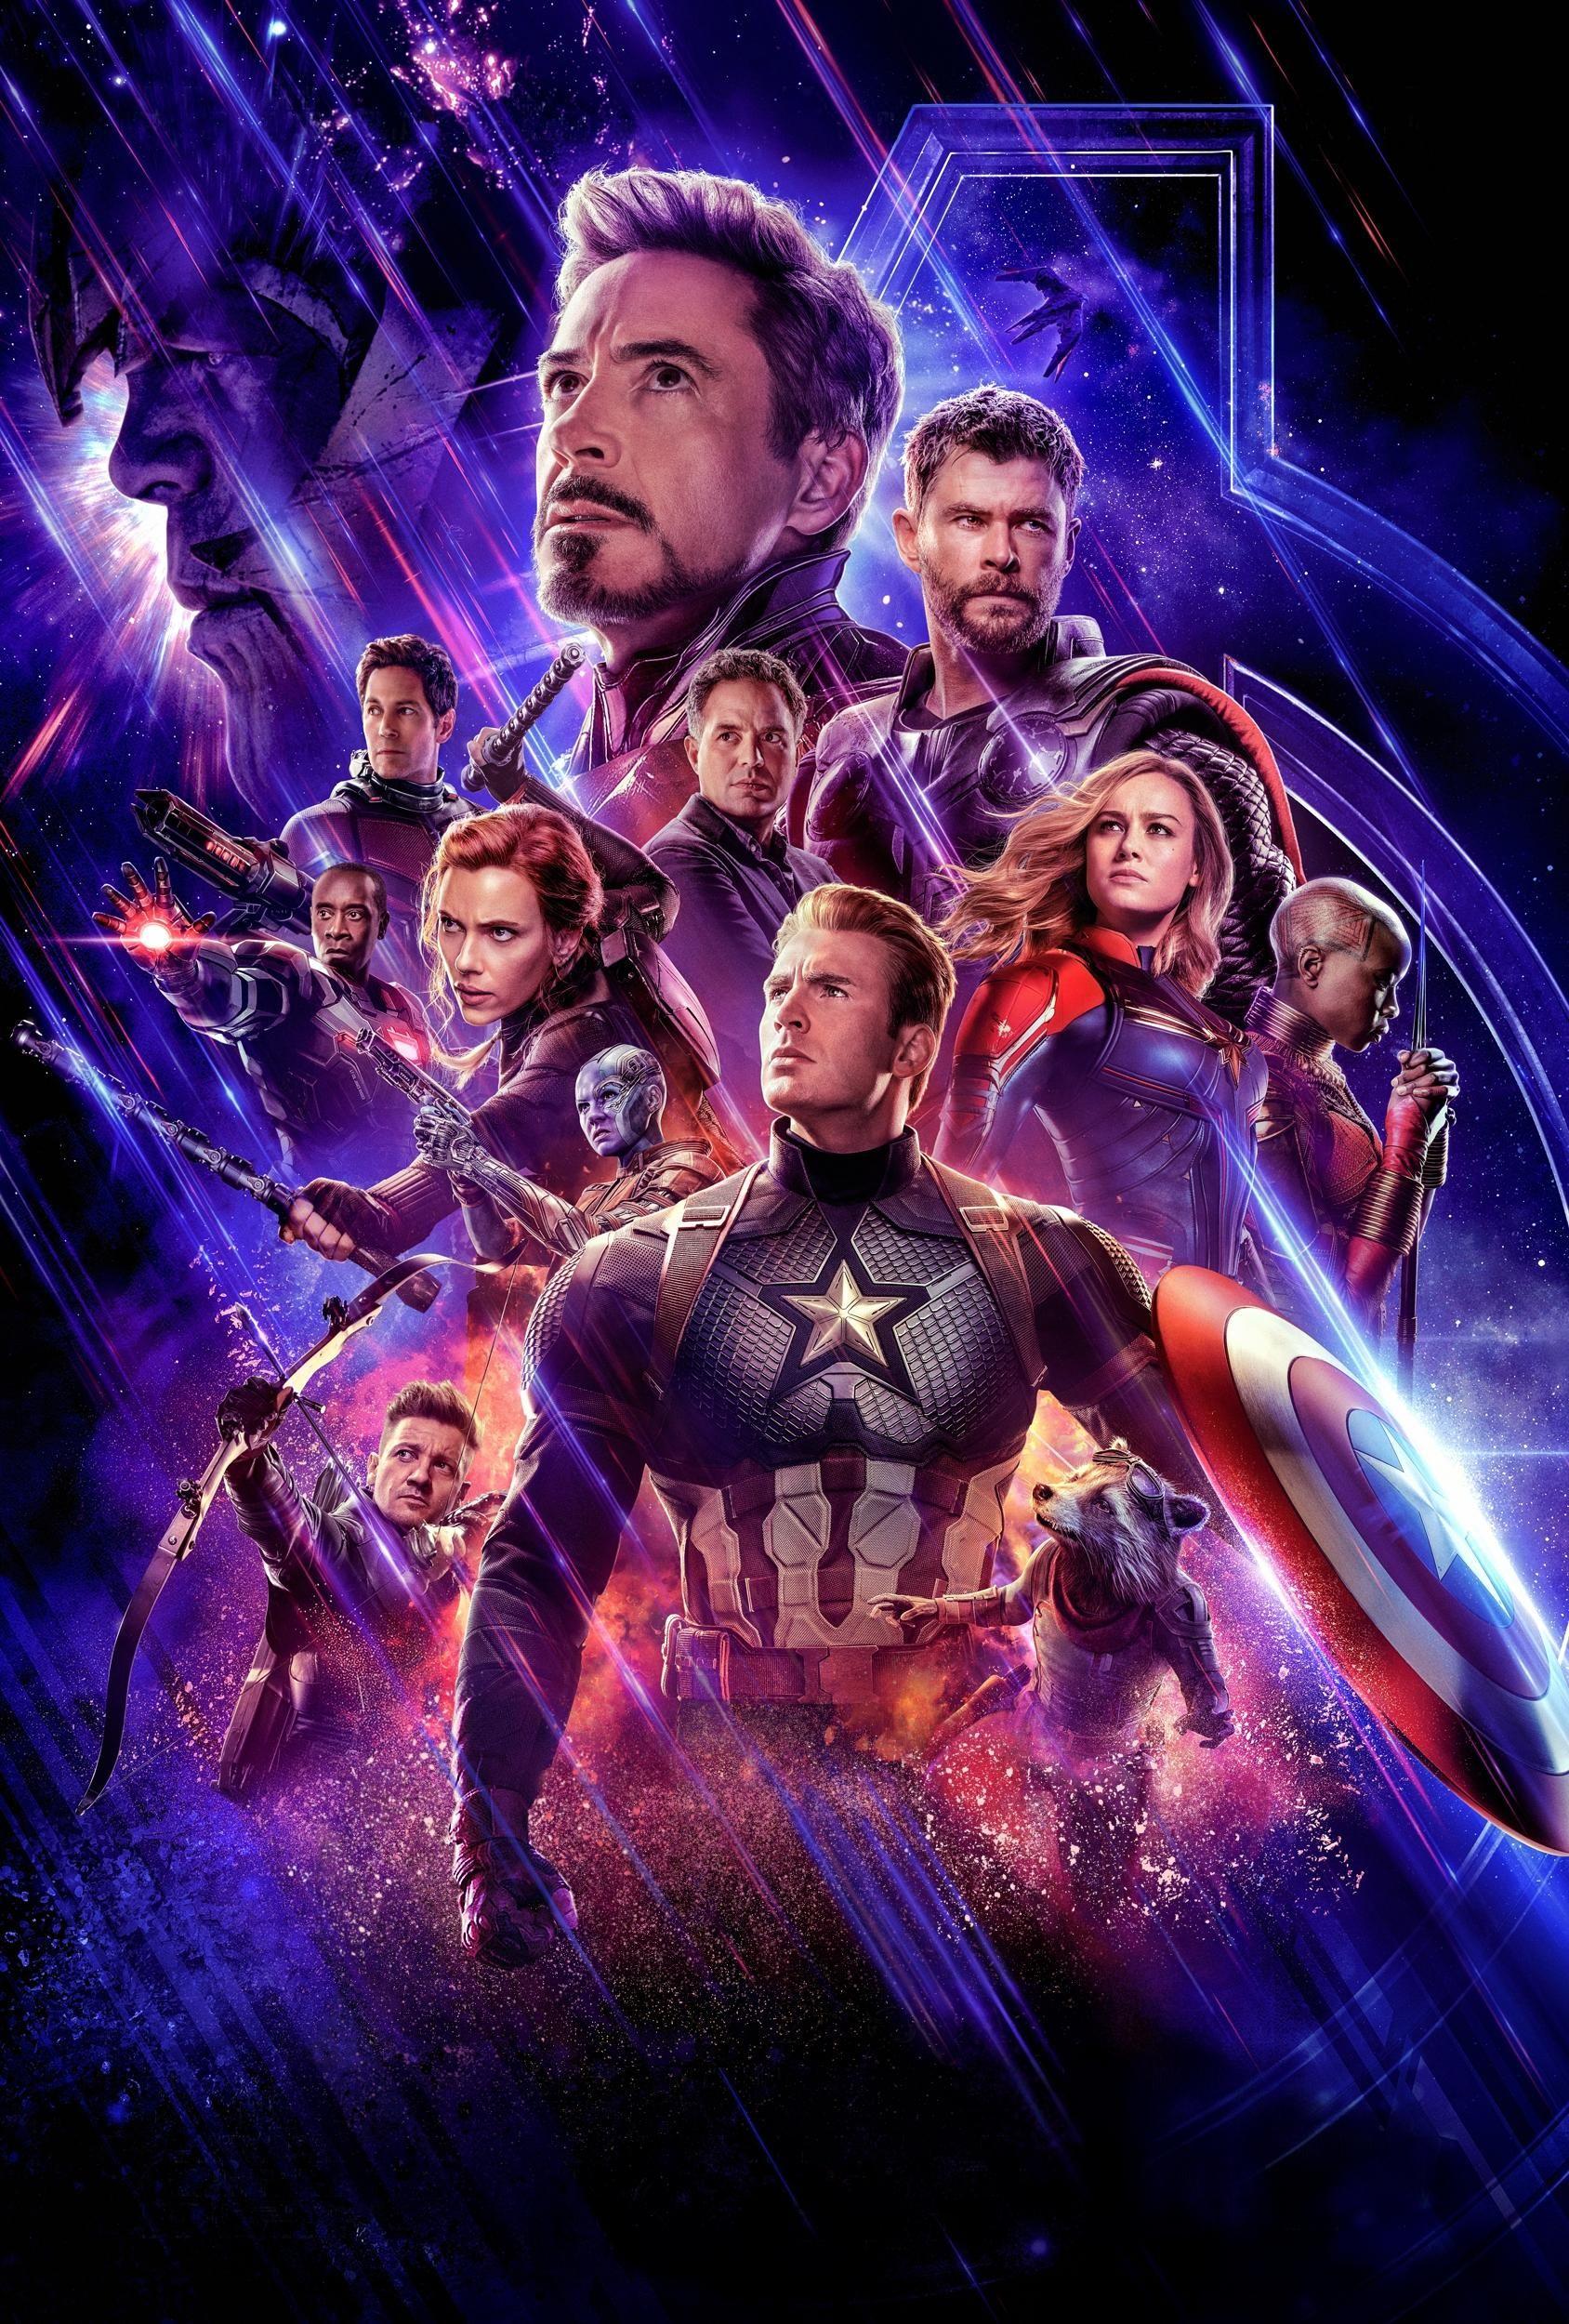 Avengers Endgame Textless Poster Marvel Studios Avengers New Avengers